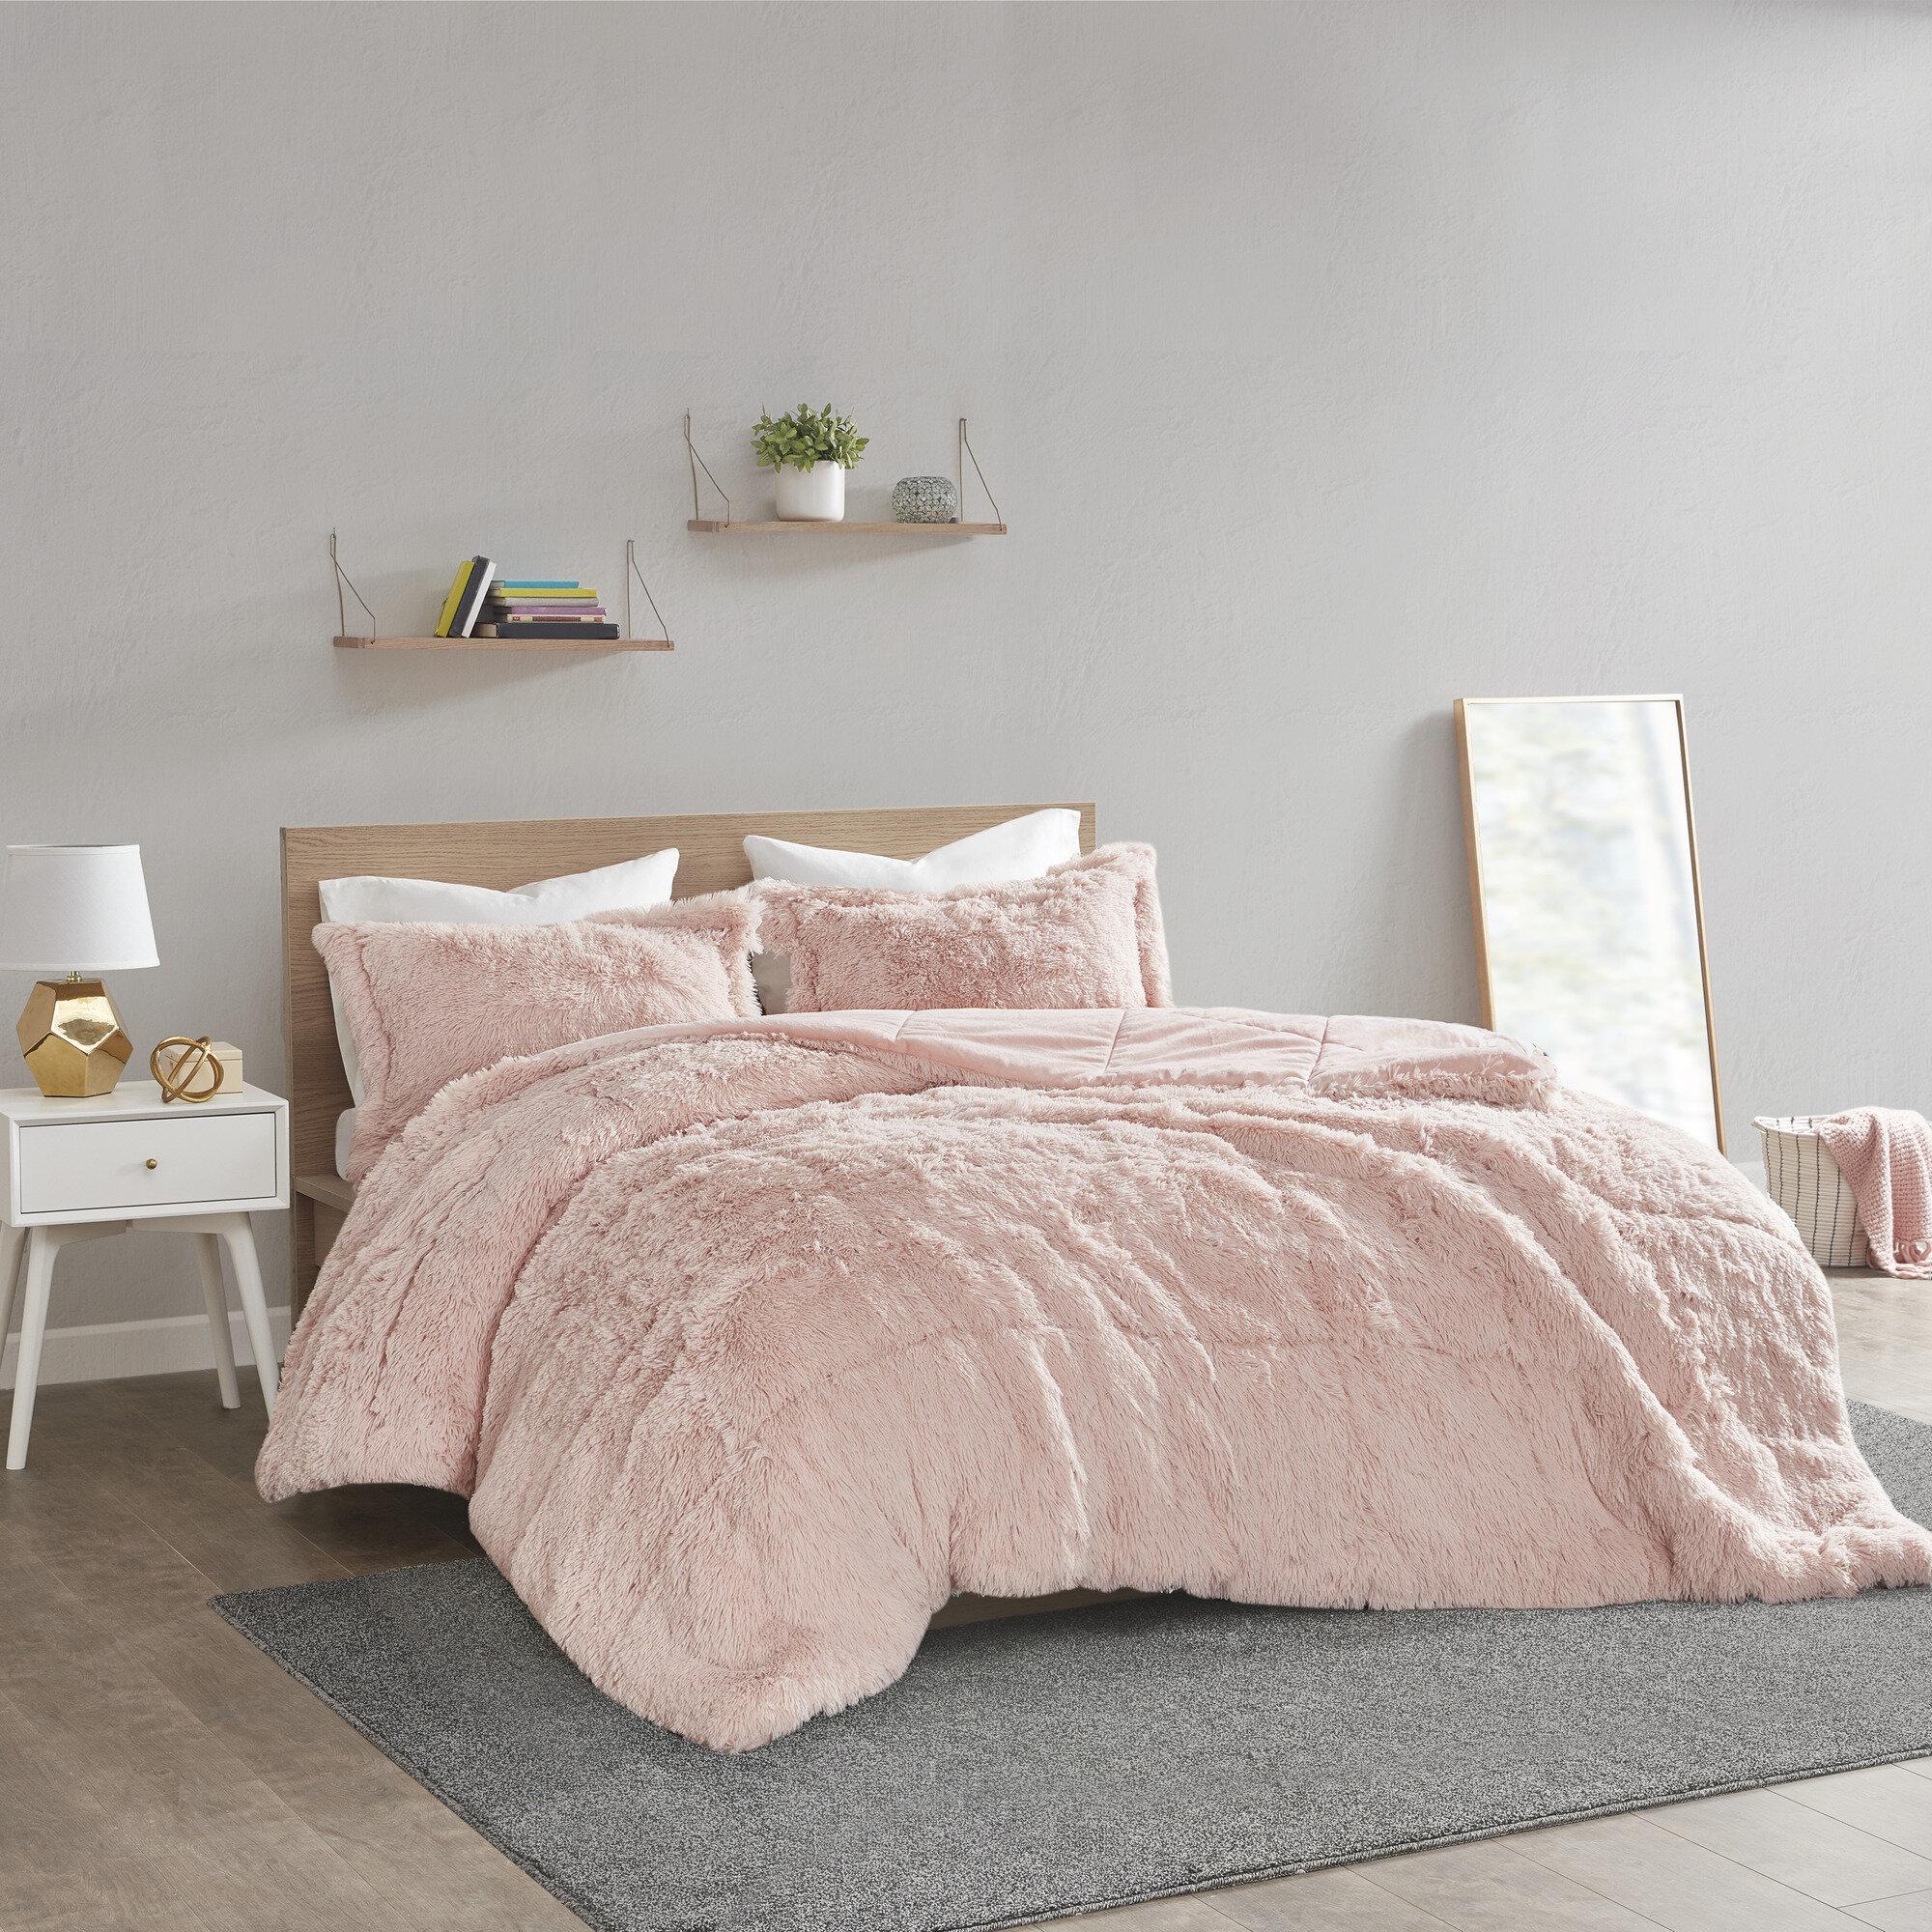 Rosdorf Park Trahan 2 Piece Comforter Set Reviews Wayfair